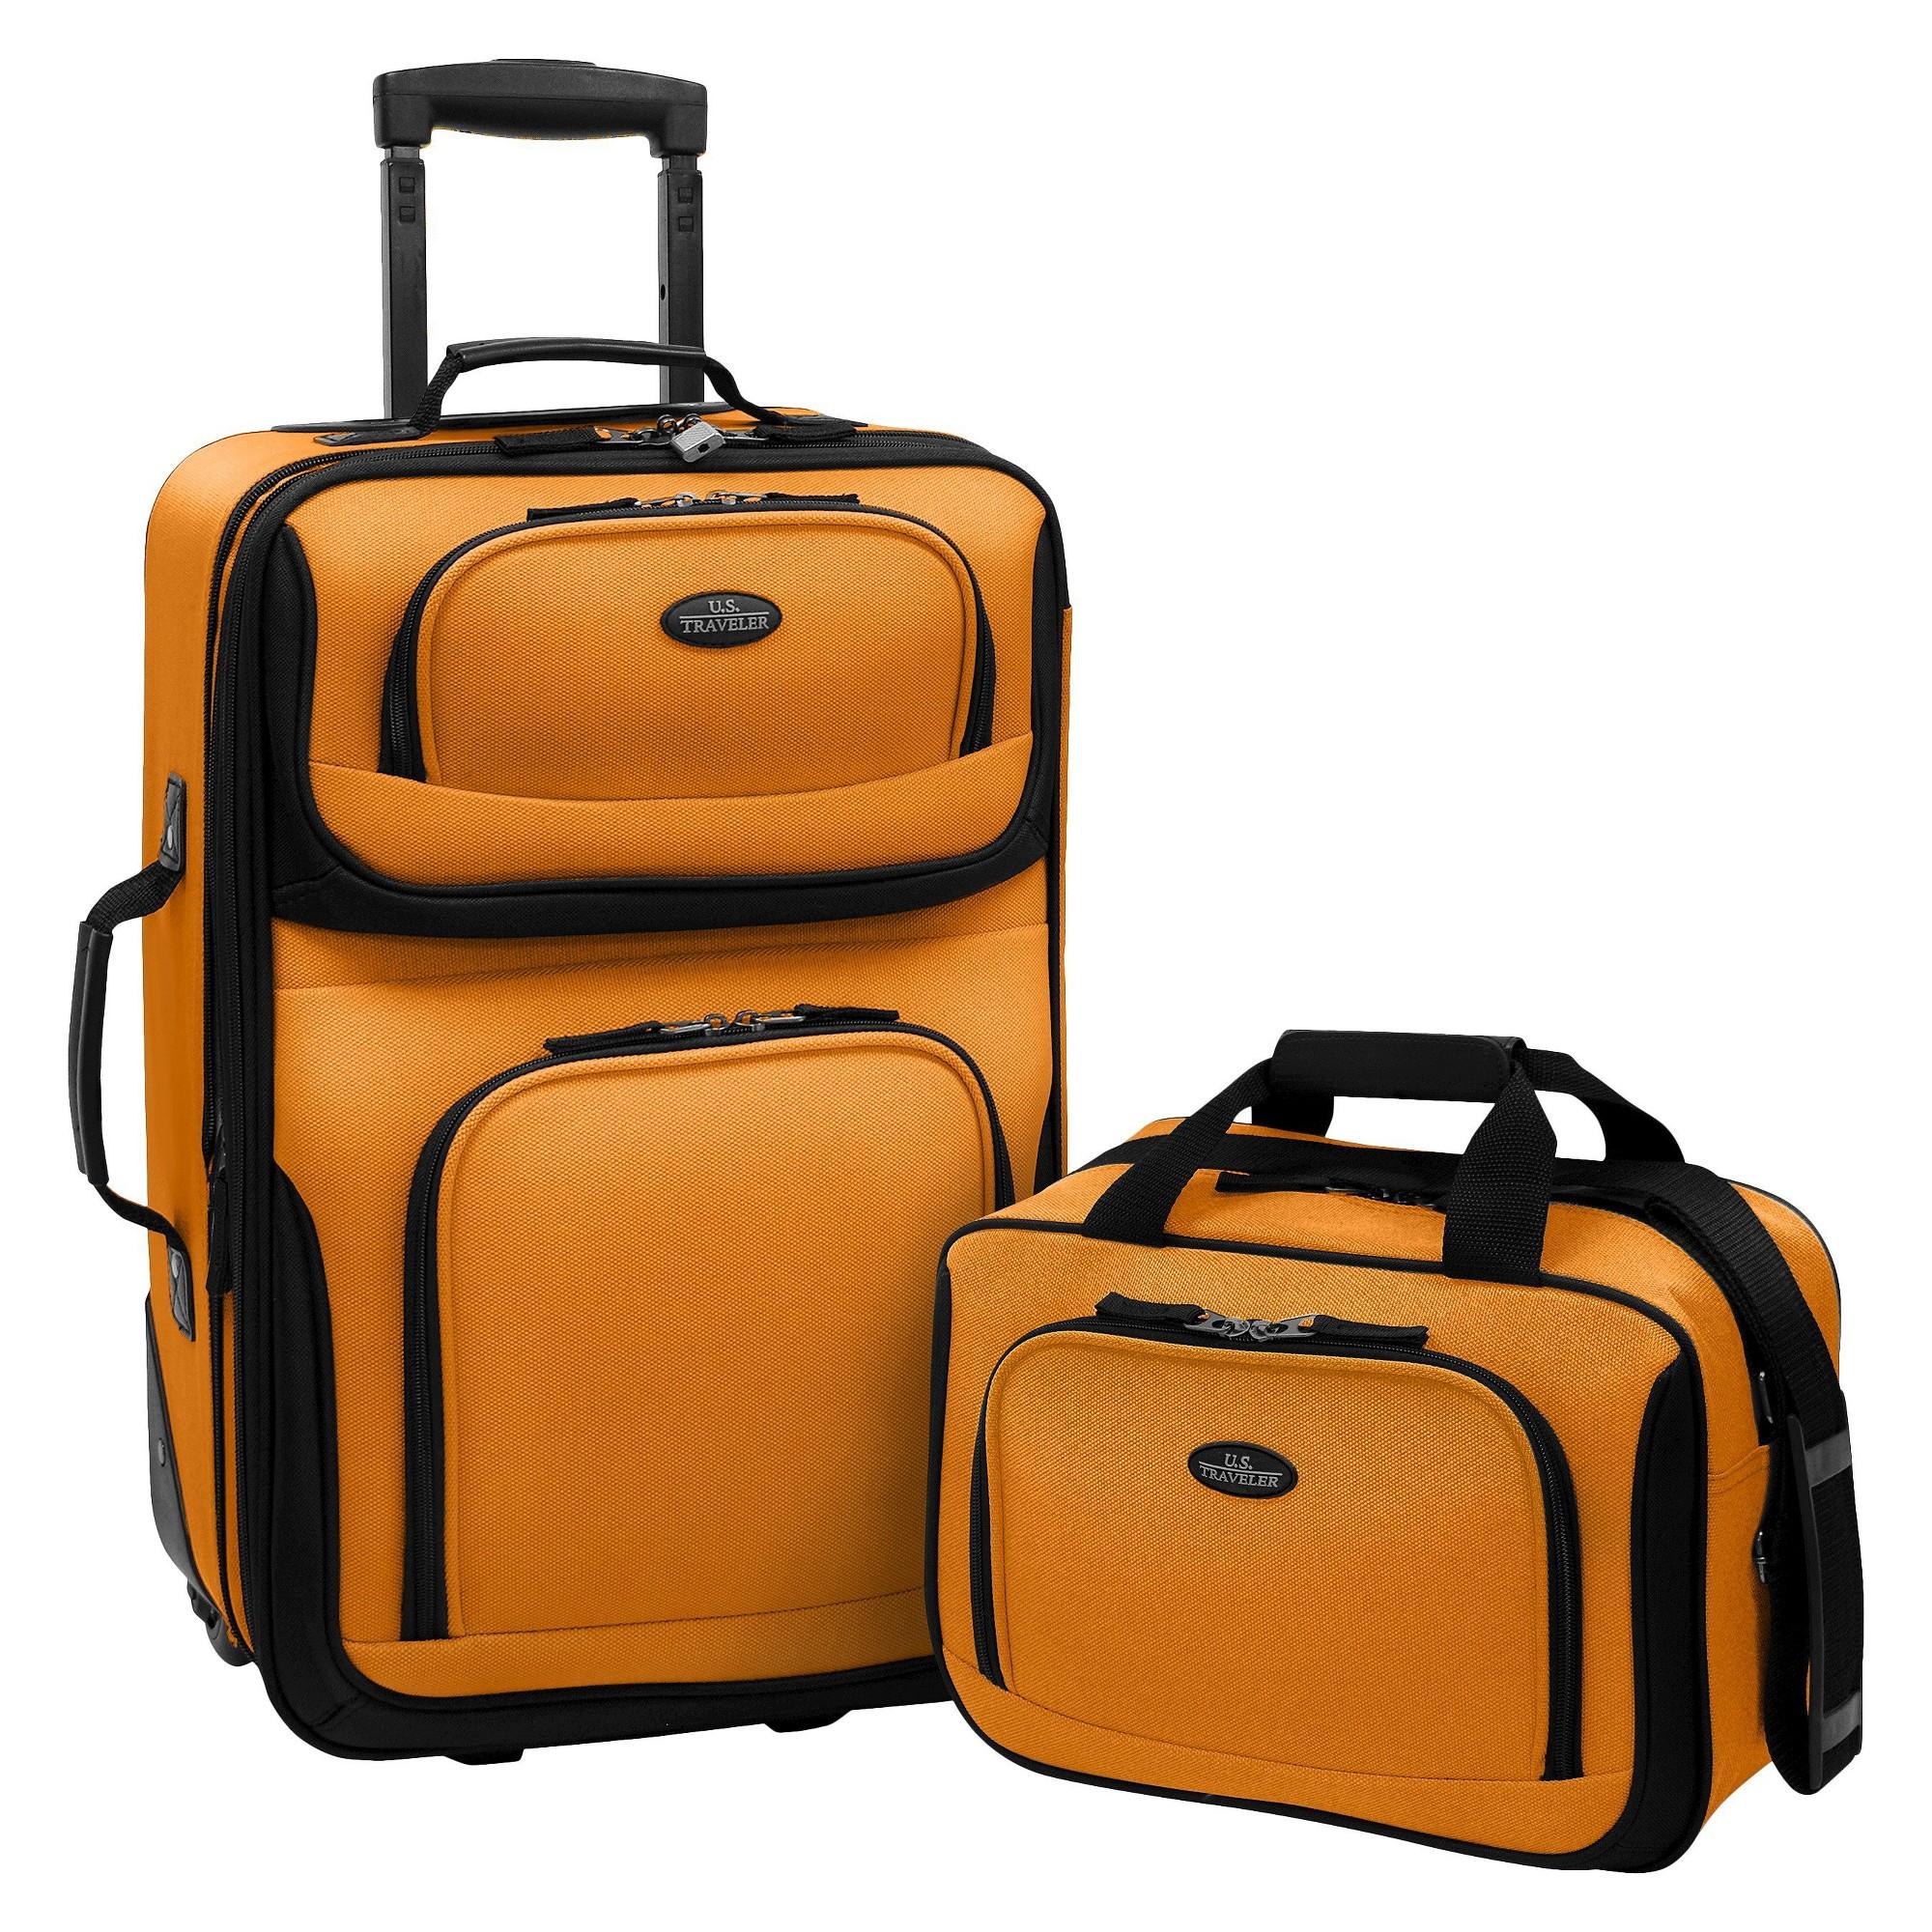 U.S. Traveler Rio 2pc Expandable Carry On Luggage Set - Orange/Mustard, Size: Small, Orange/Yellow